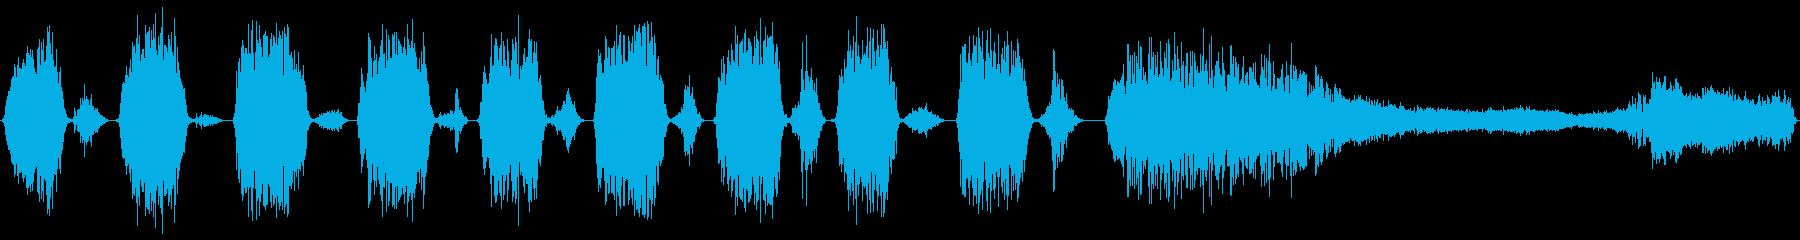 パンティングブレスの鳴き声クリーチ...の再生済みの波形